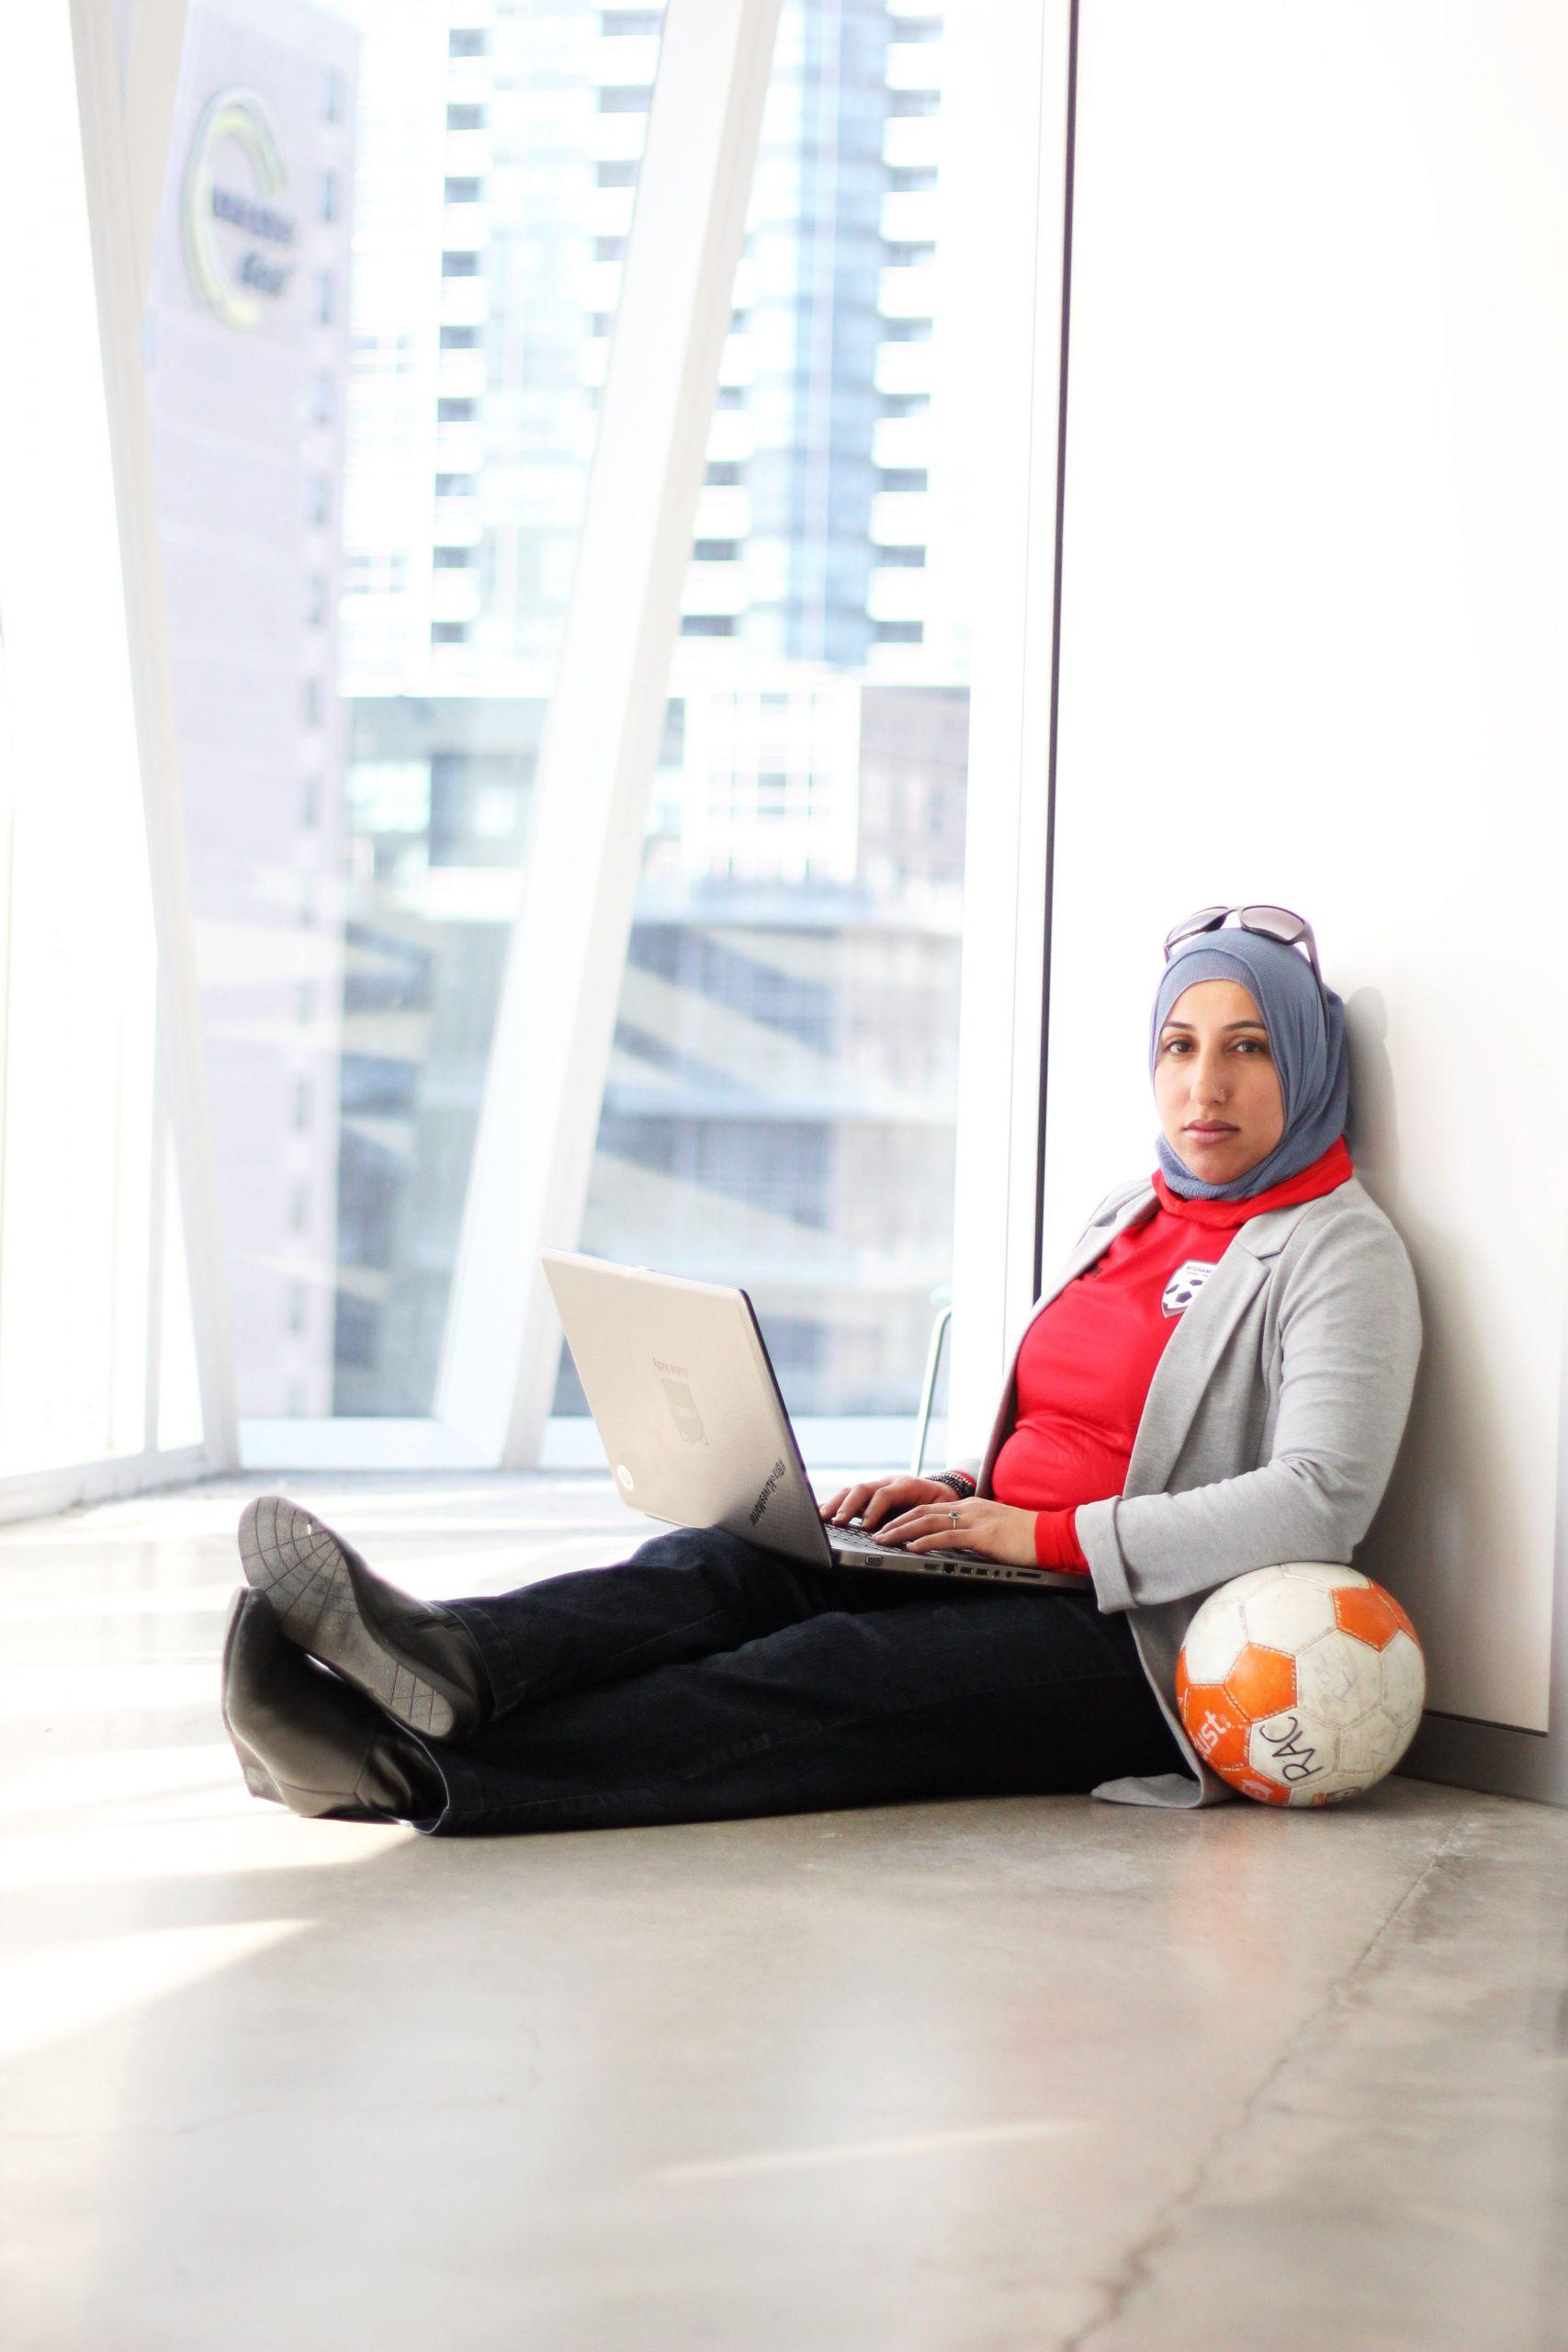 Muslim Women's Sports Network